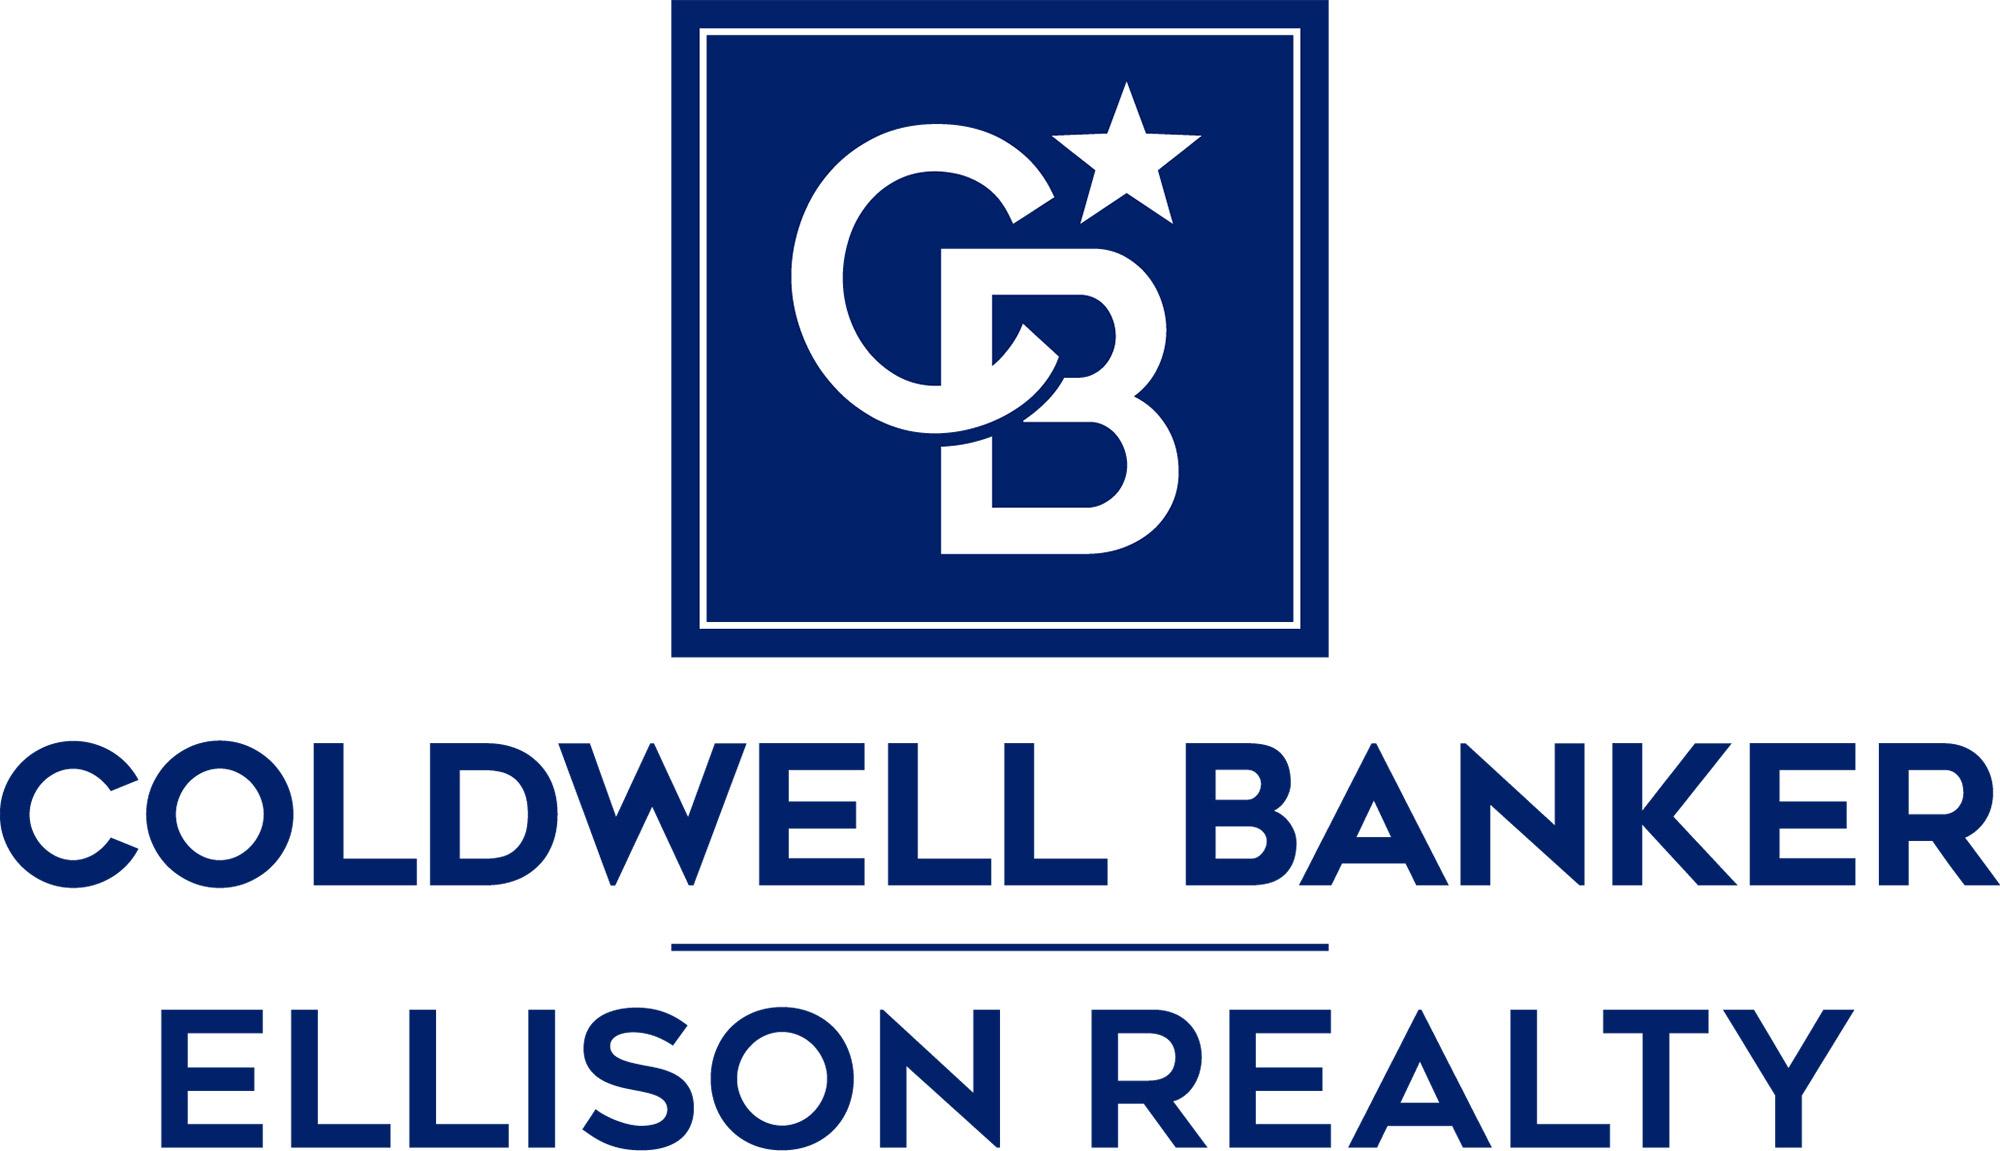 Bob Hale - Coldwell Banker Ellison Realty Logo